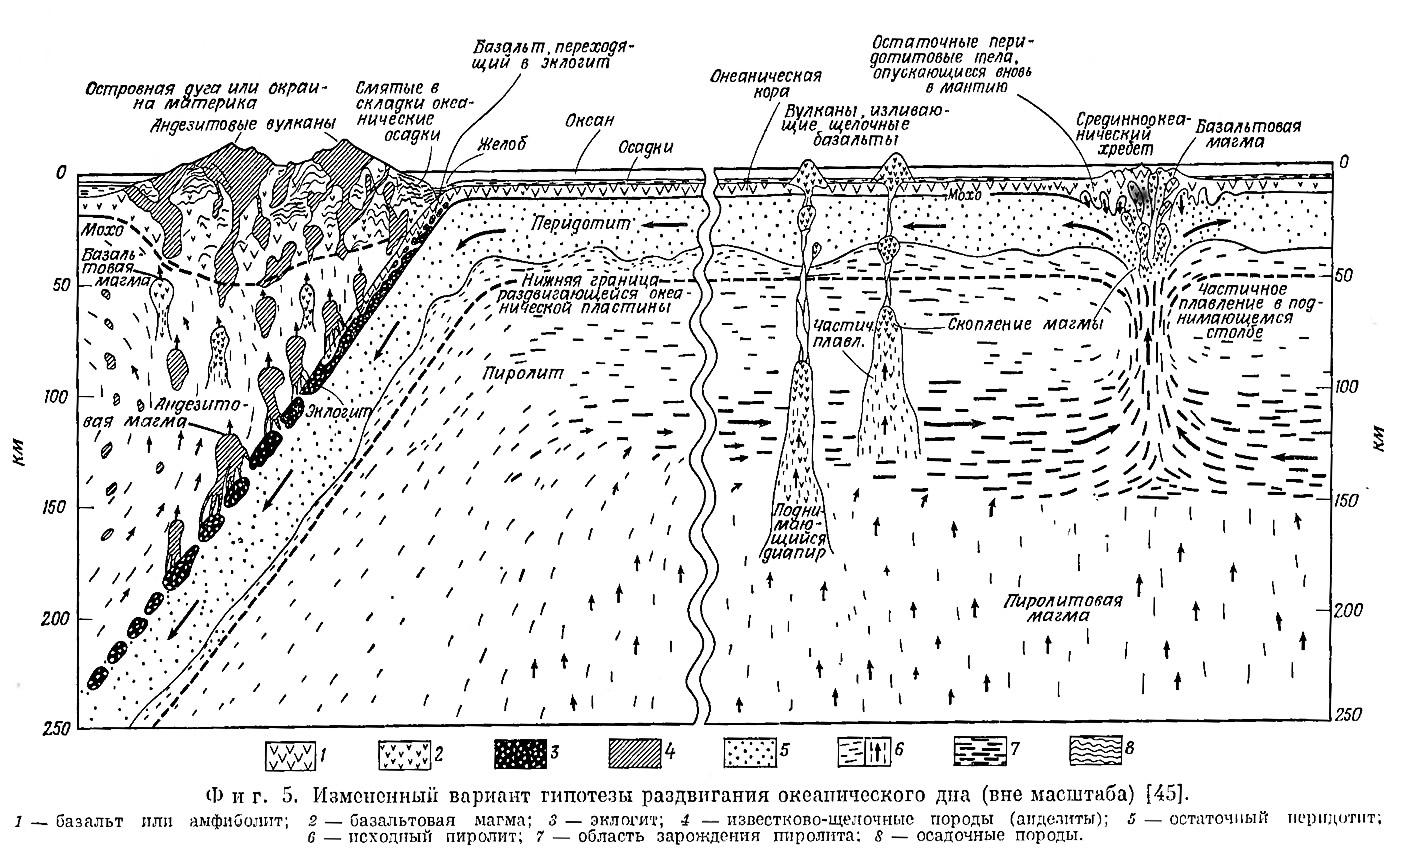 Фиг. 5. Измененный вариант гипотезы раздвигания океанического дна